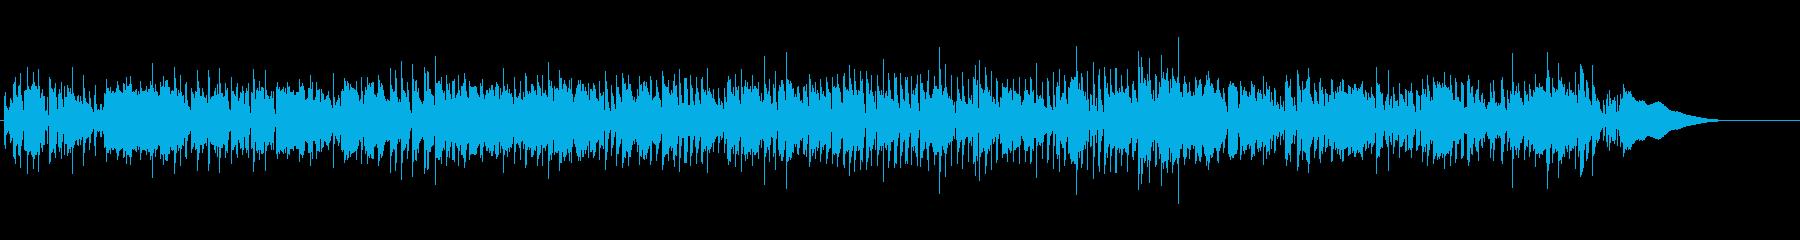 洋楽 ロックをイメージしたロカビリー風の再生済みの波形